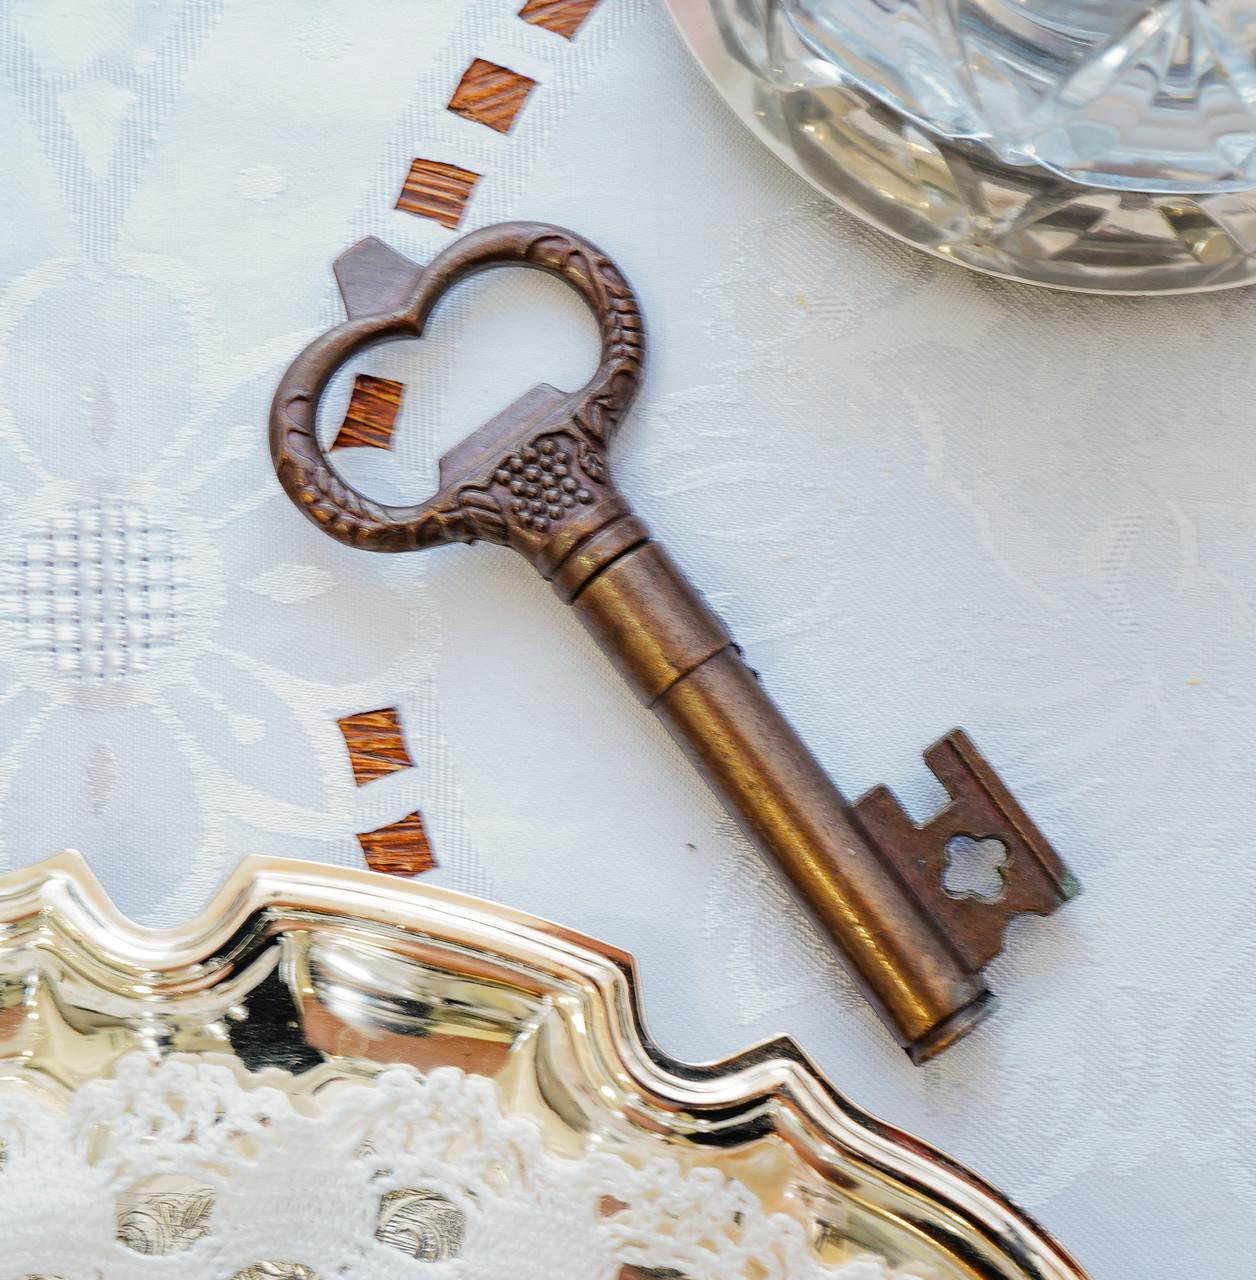 Старий колекційний штопор для пляшок у формі ключа, бронза, вінтаж, Німеччина